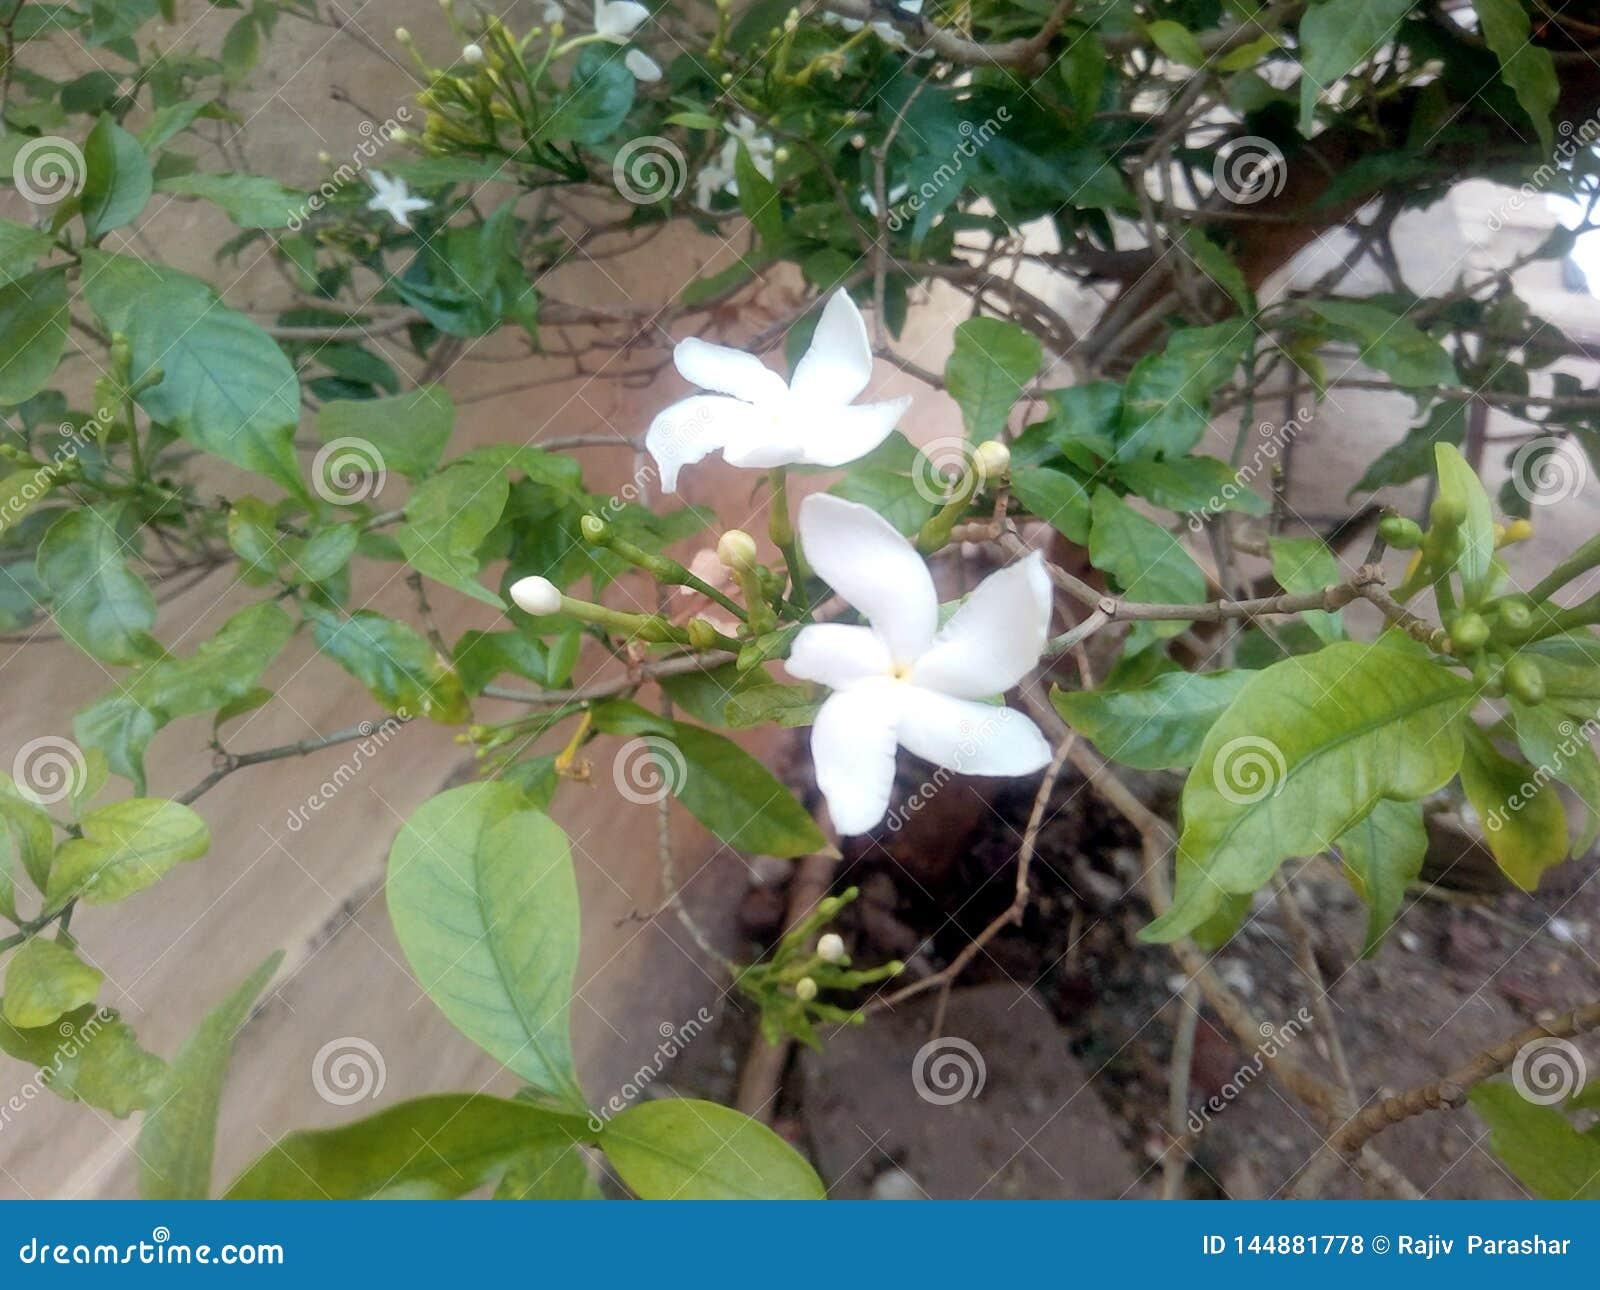 To jest wizerunek biały kwiat z zielonymi liśćmi